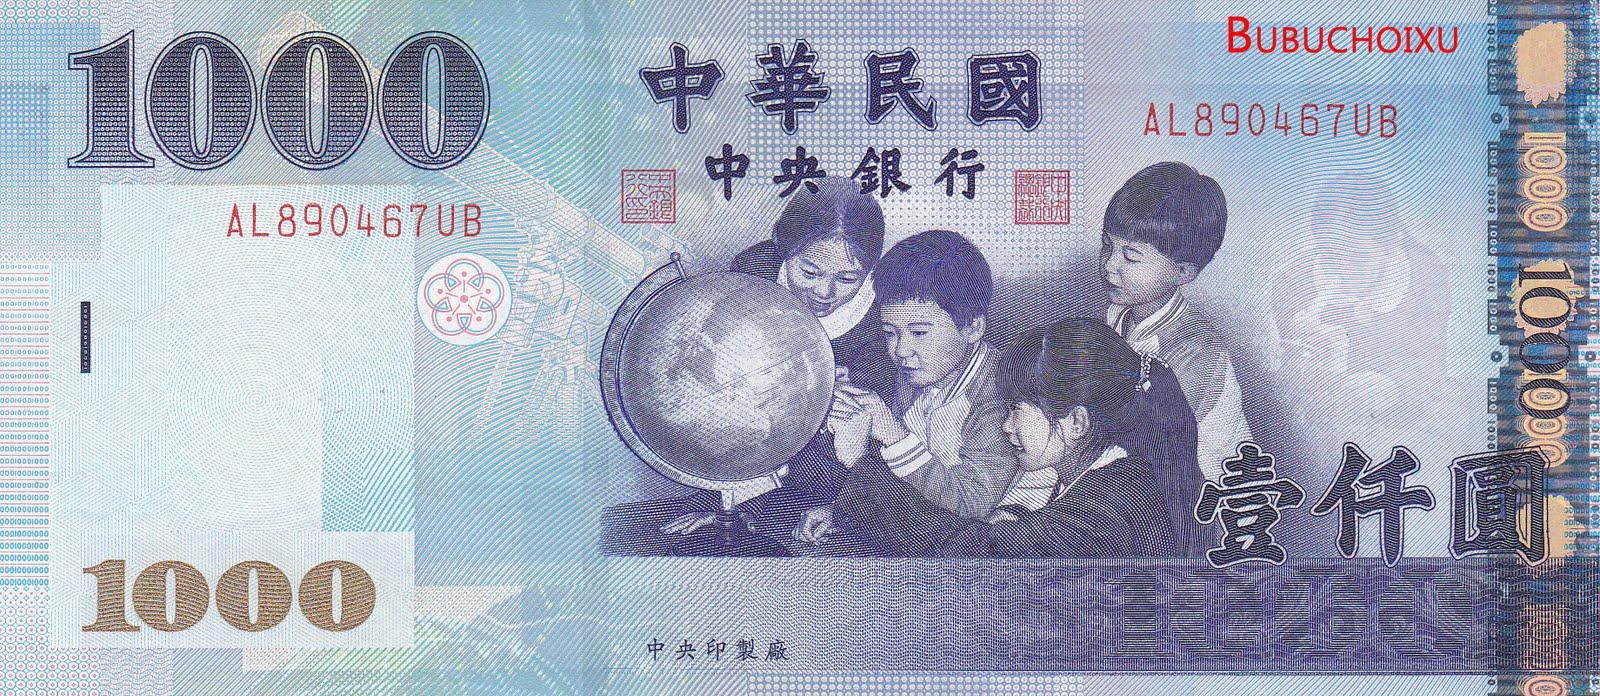 [Tiền giấy 1000 Đài tệ - Đài Loan]